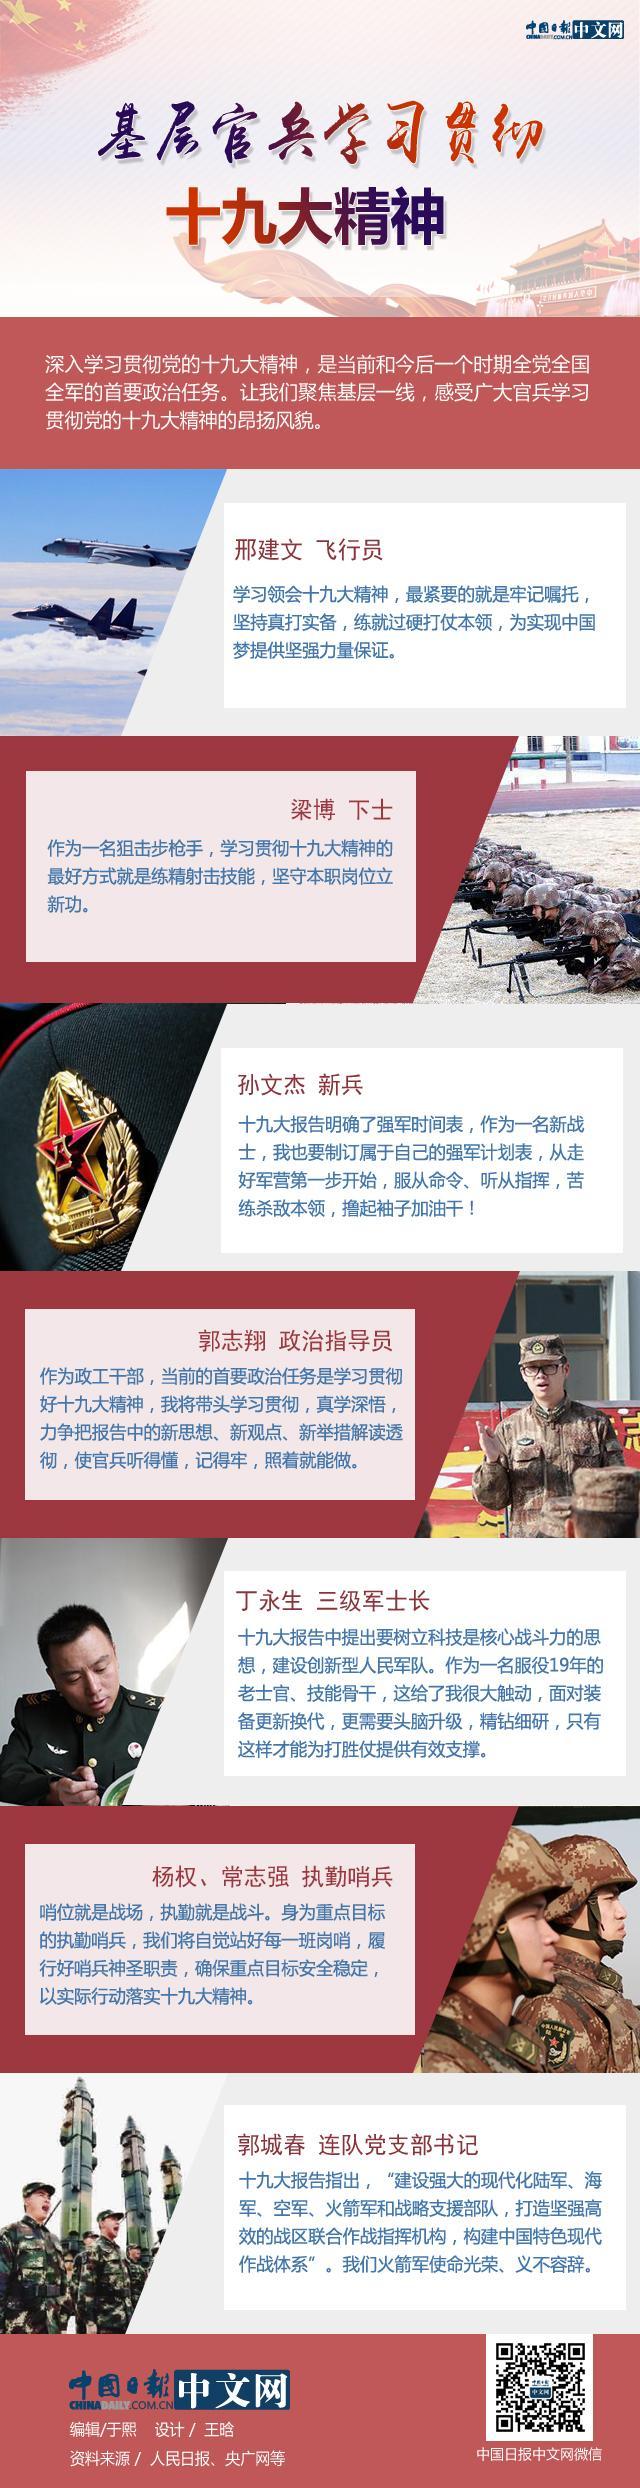 名台湾诈名台民众媒体人周马英九有名驾驶员亚